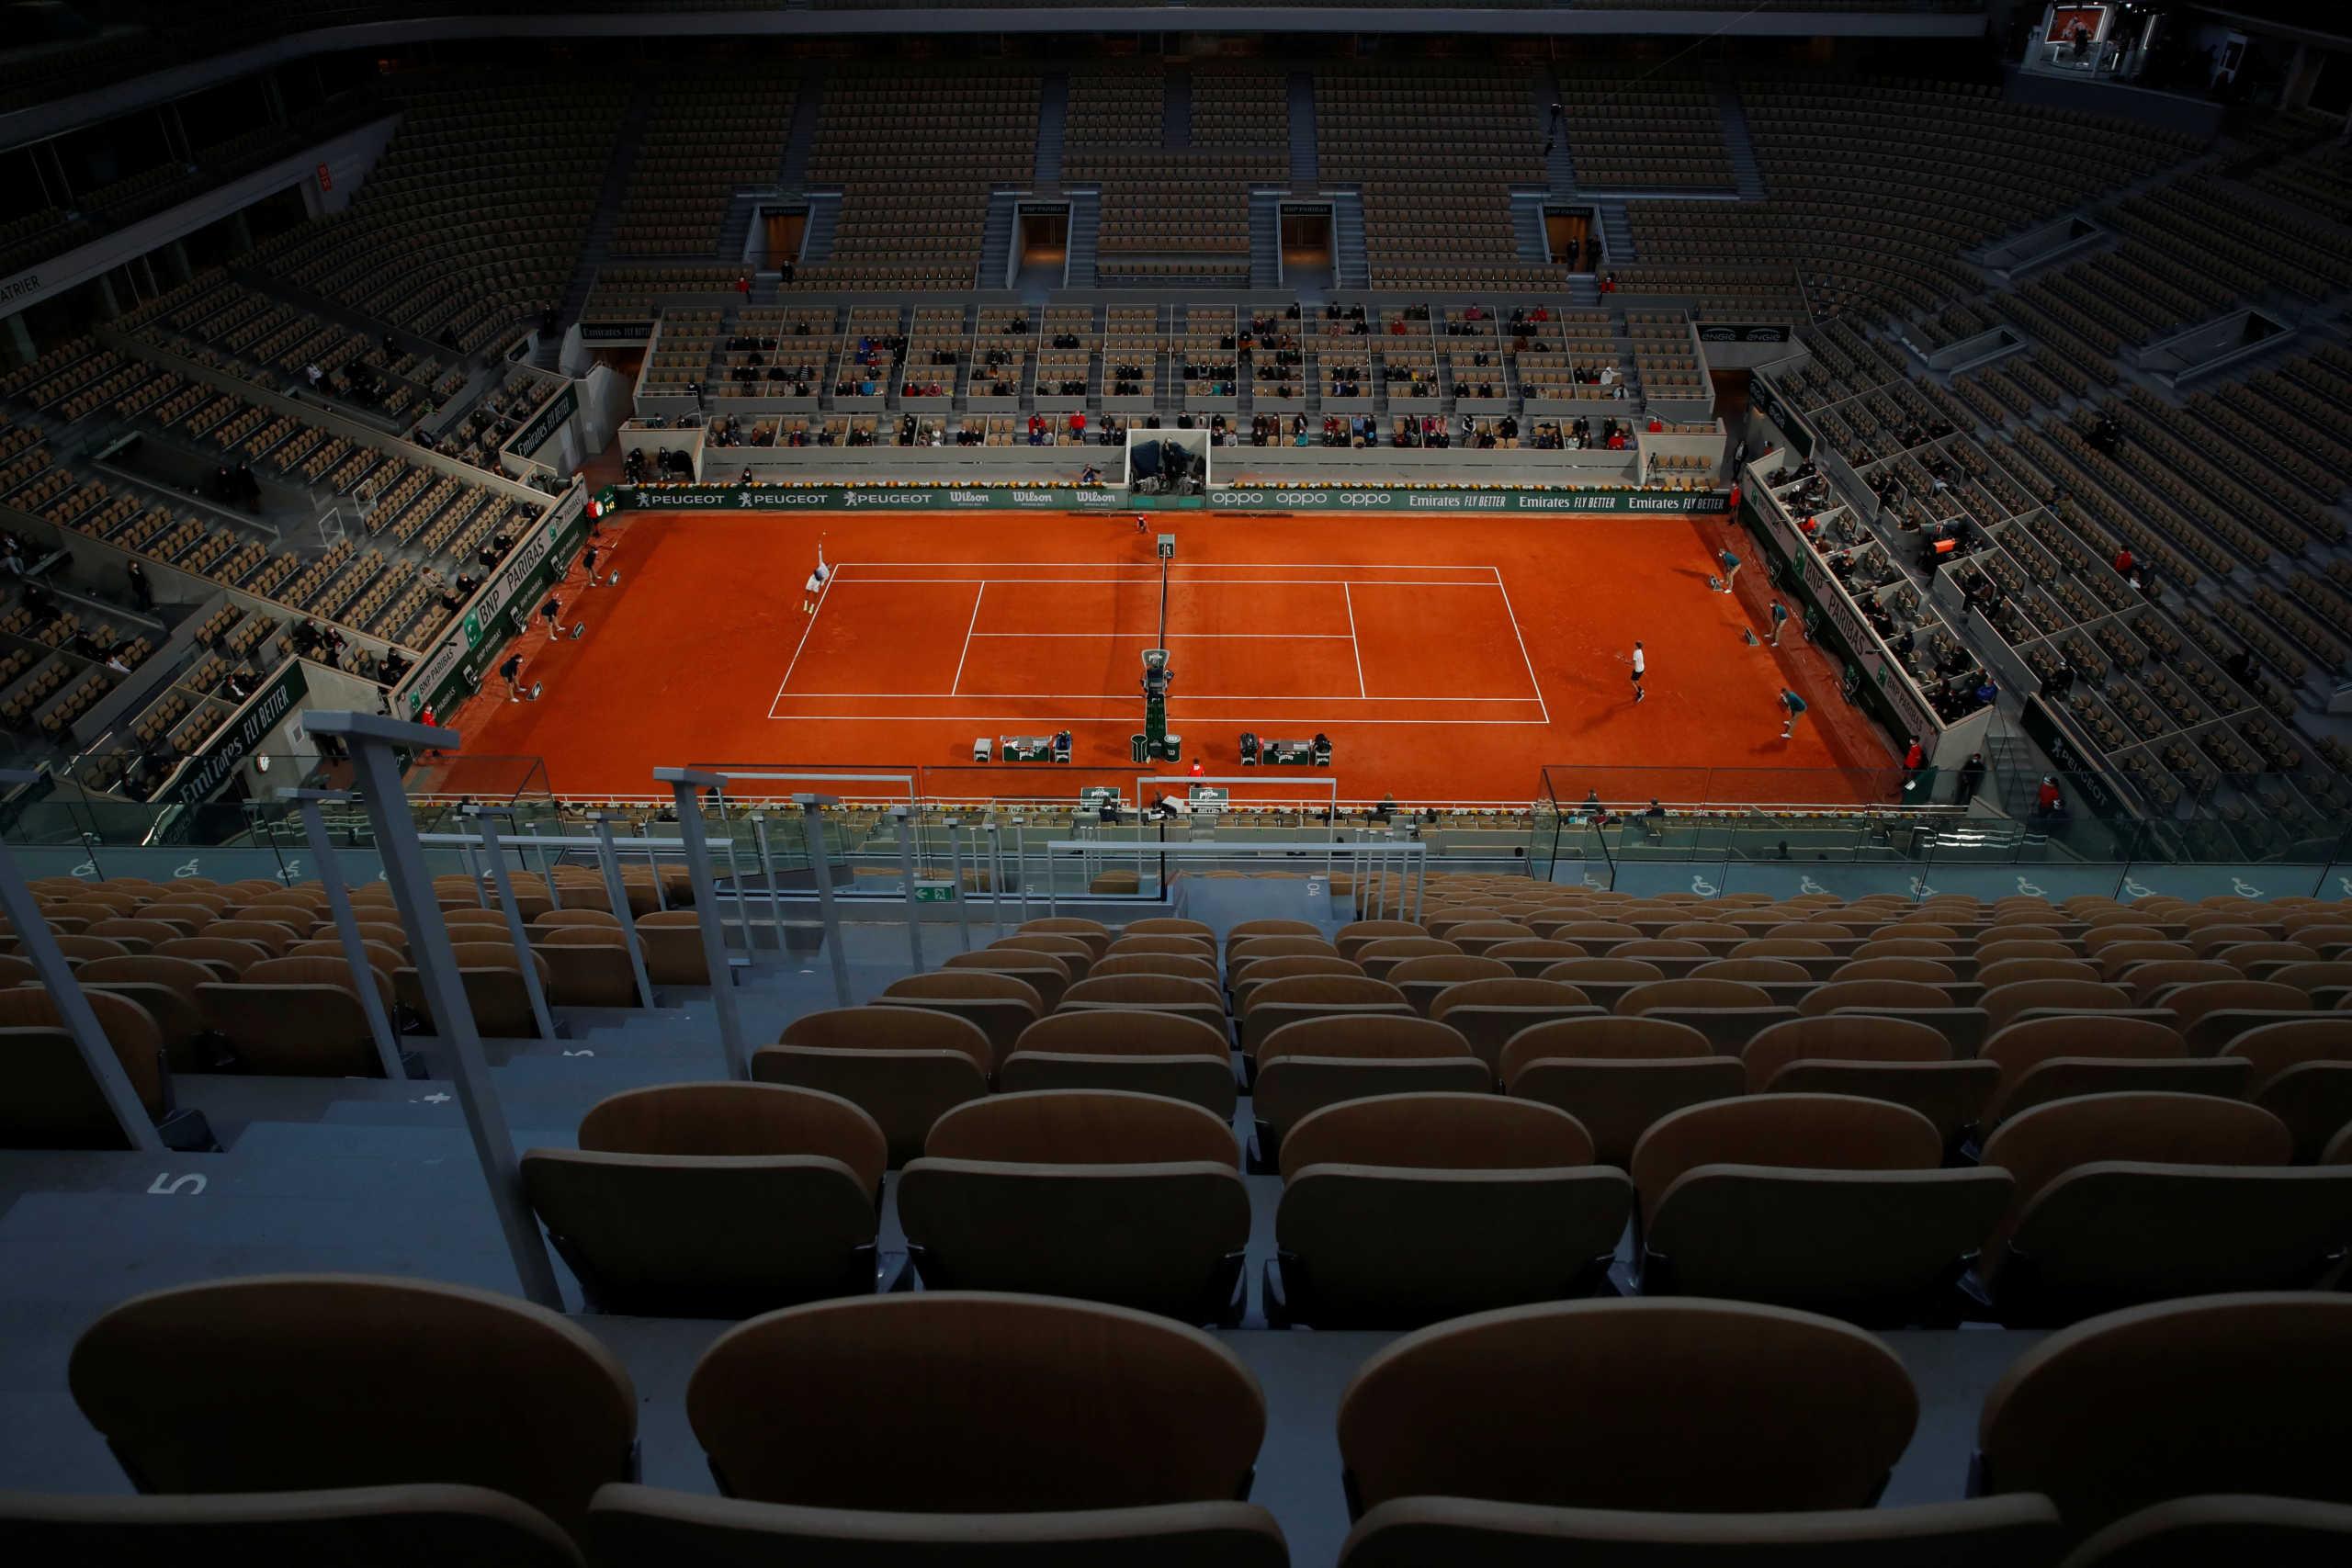 Ο Μακρόν άλλαξε το ωράριο απαγόρευσης κυκλοφορίας λόγω Roland Garros και αποθεώθηκε